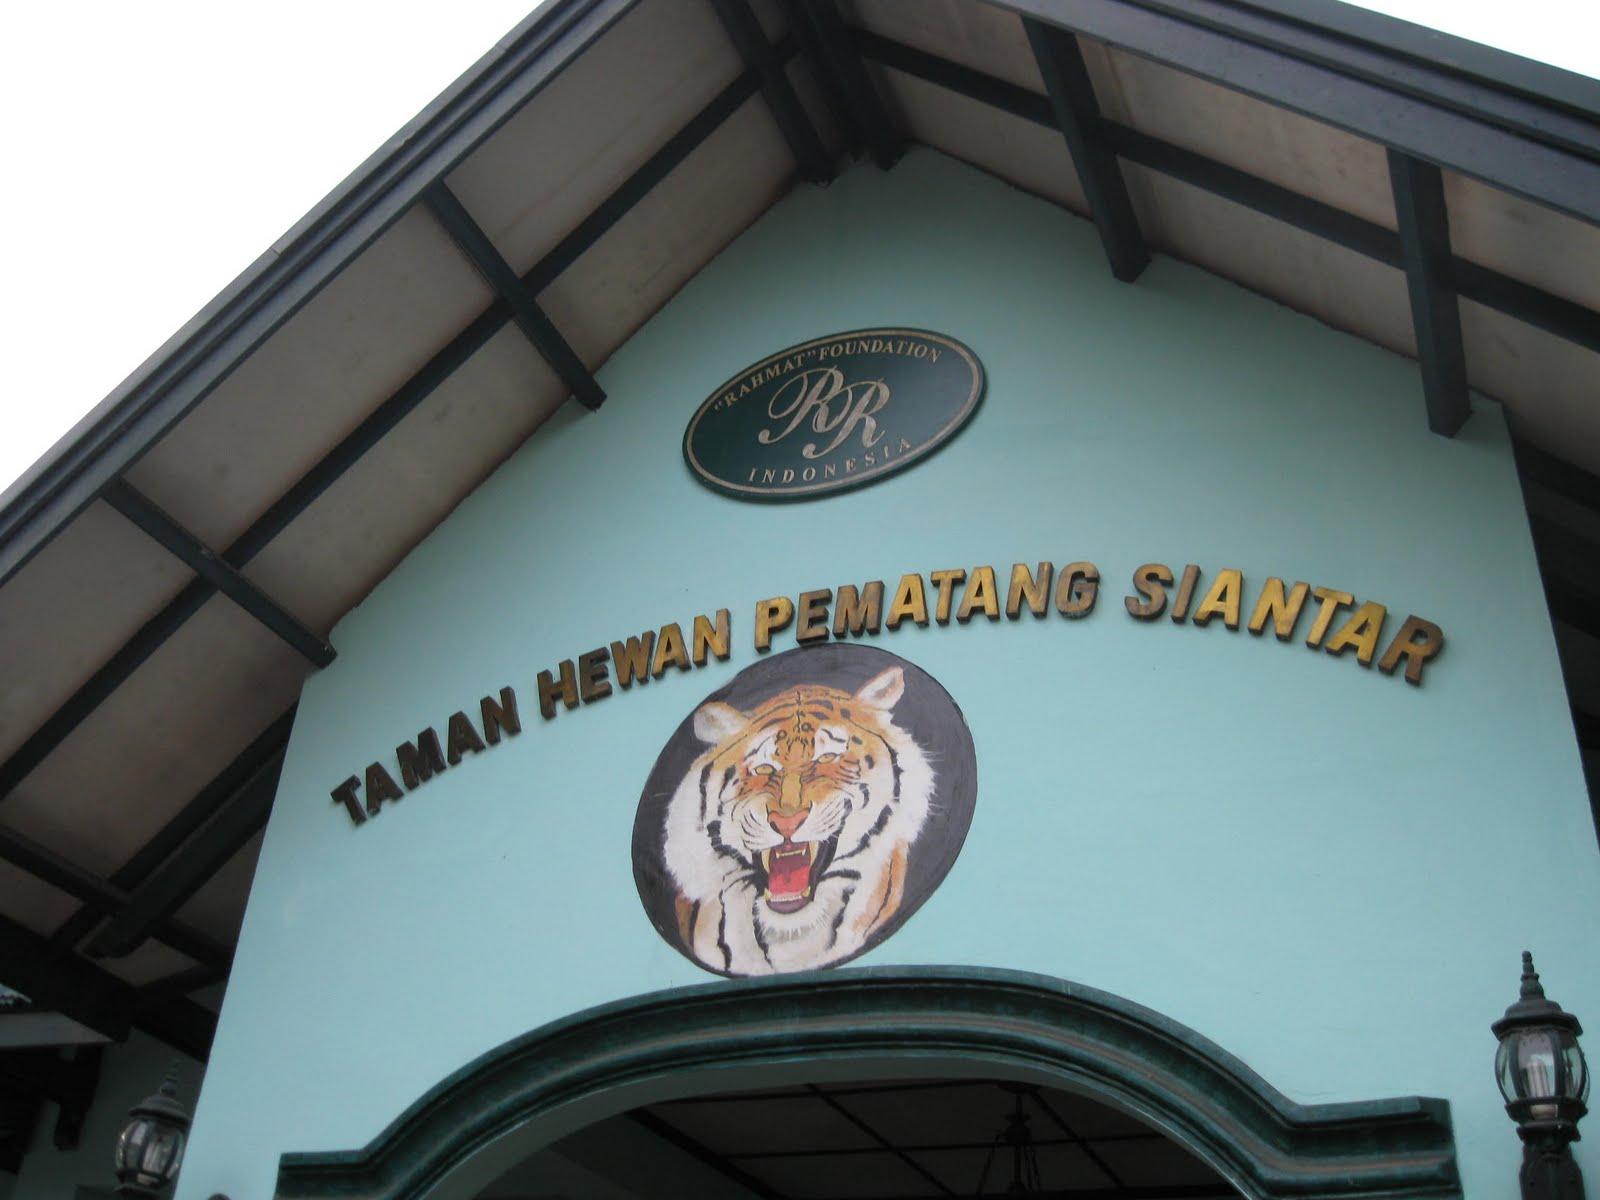 Kebun Binatang Siantar Terbaik Se-Sumatera Utara